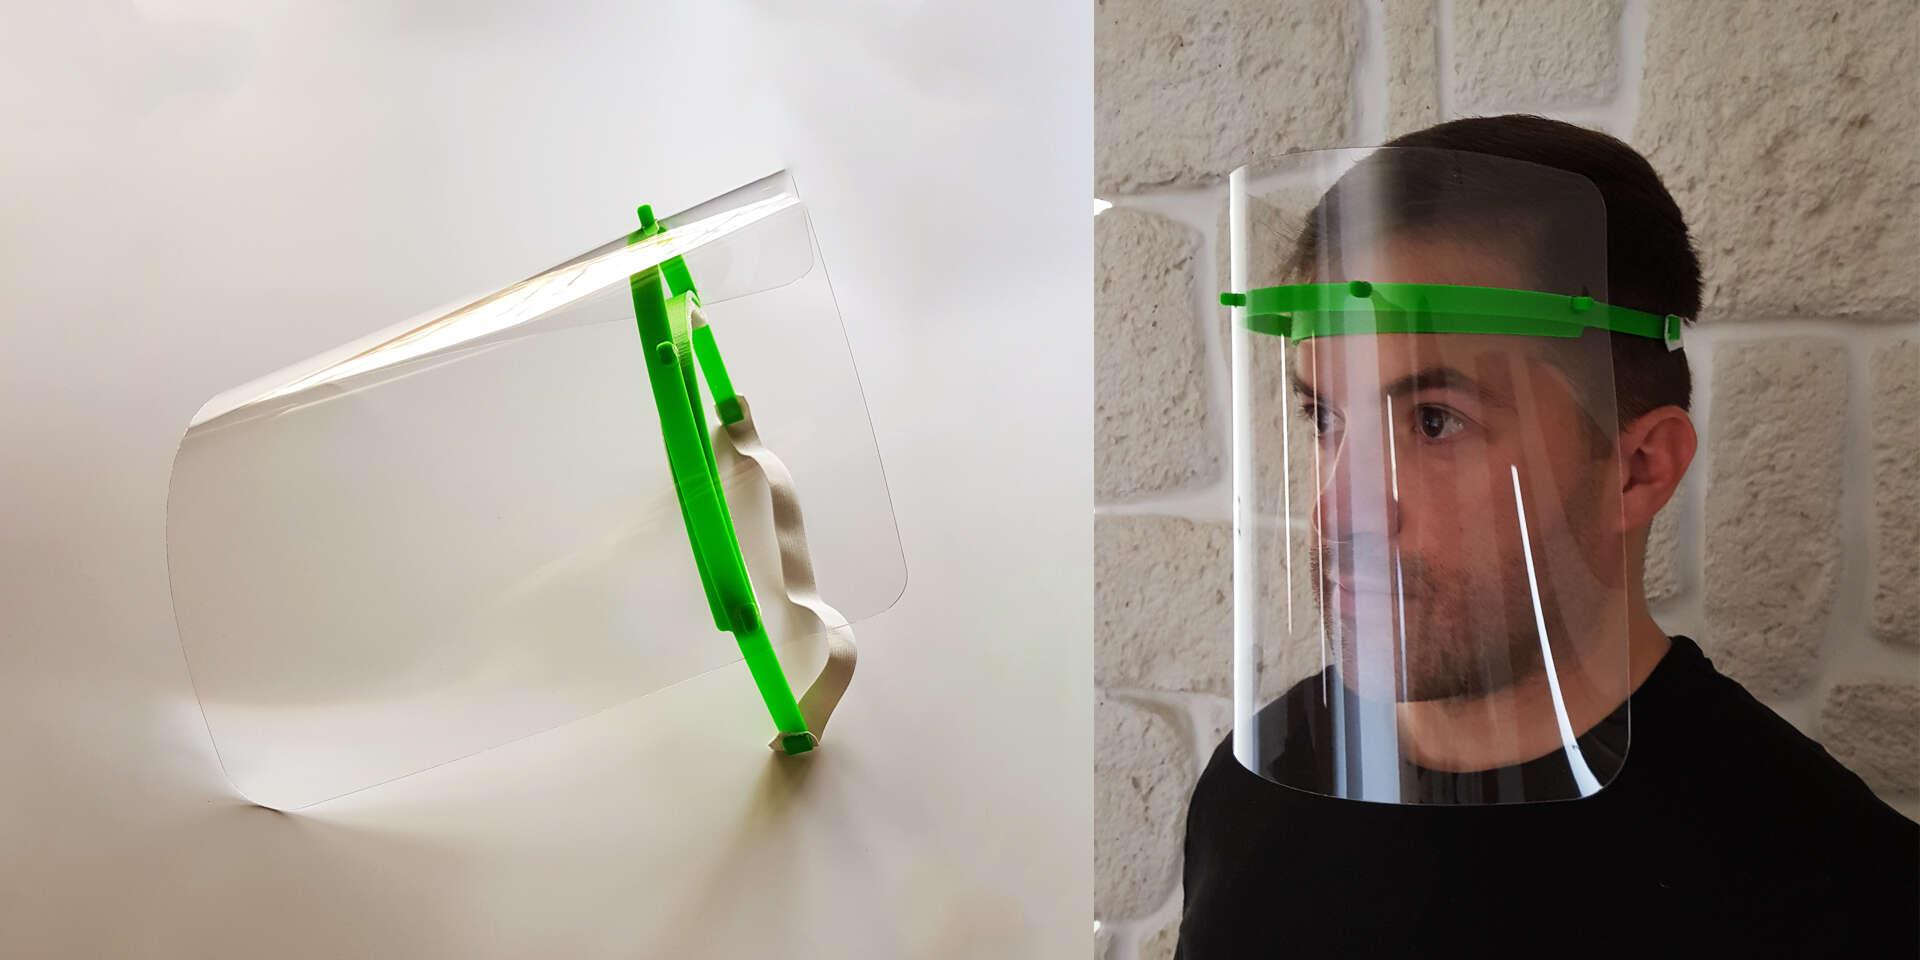 Vyrobené na Slovensku: Ochranný štít pre predavačov, kuriérov, lekárov a iných